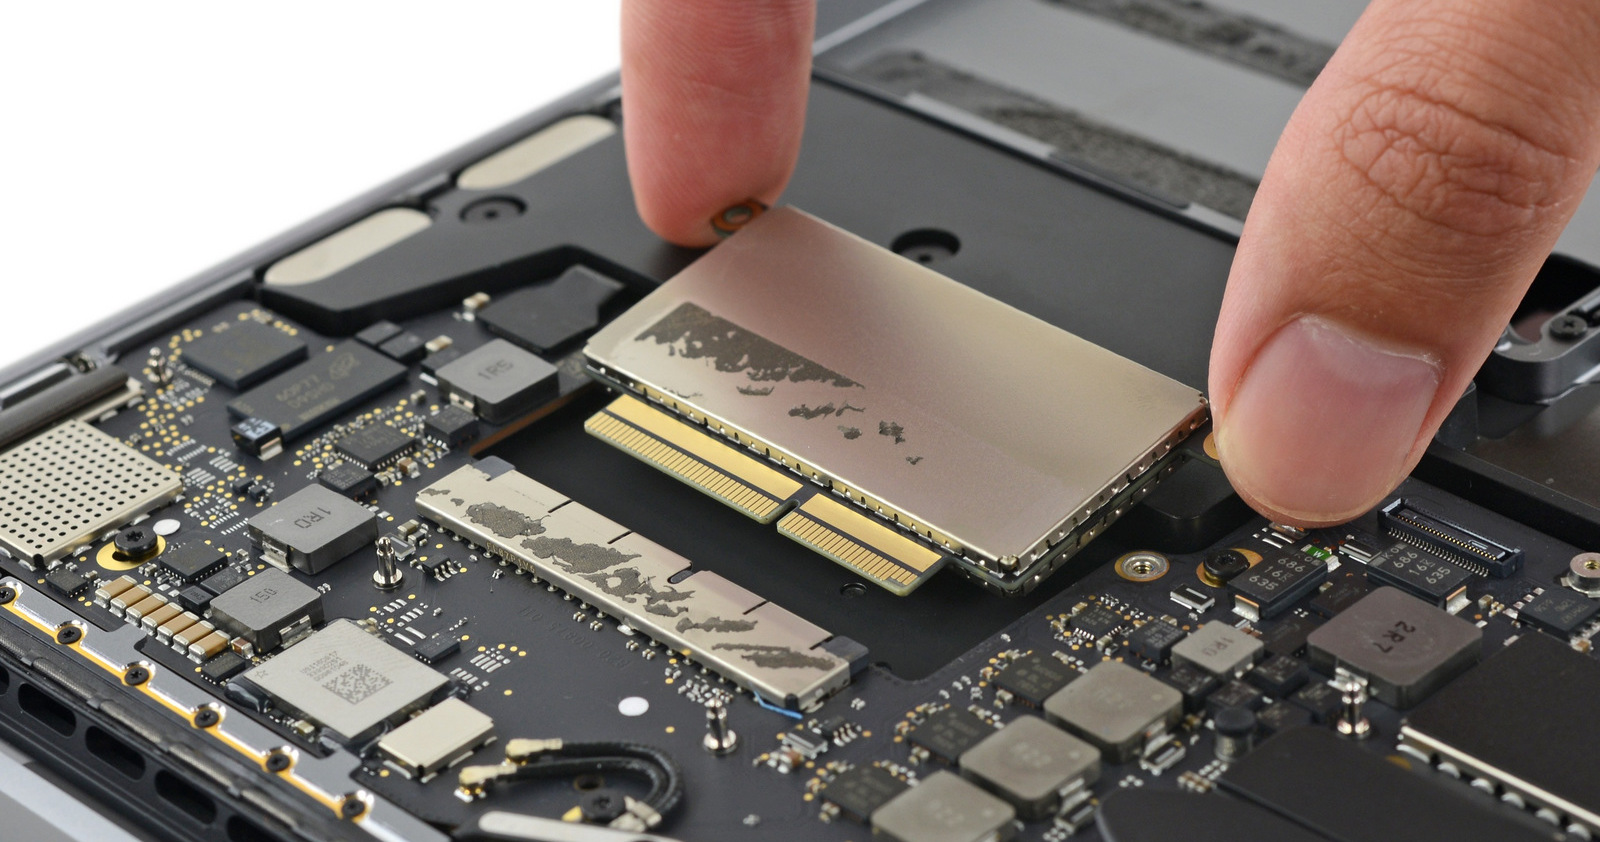 Hướng dẫn nâng cấp SSD cho Macbook - Giải pháp hiệu quả để trẻ hóa hệ thống